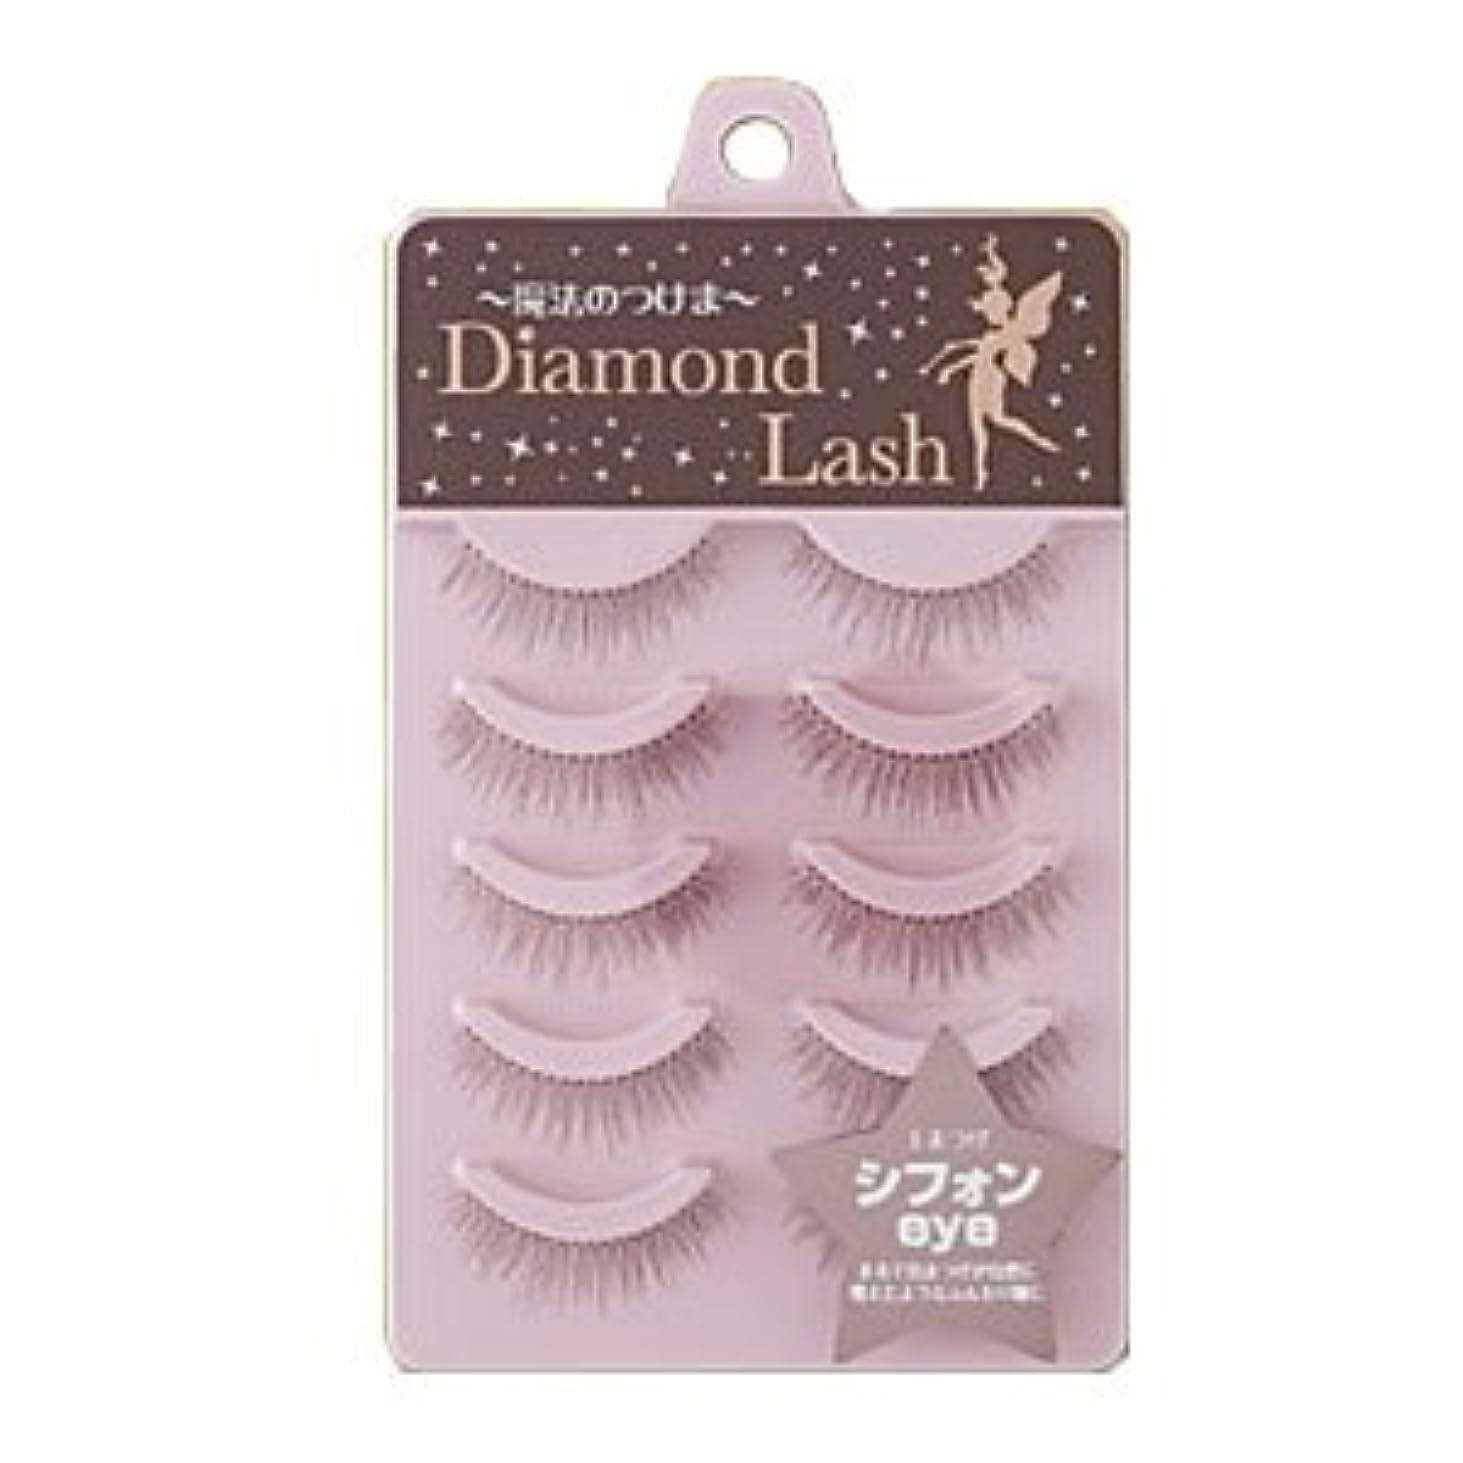 フェードアウト方程式買い物に行くダイヤモンドラッシュ Diamond Lash つけまつげ リッチブラウンシリーズ シフォンeye